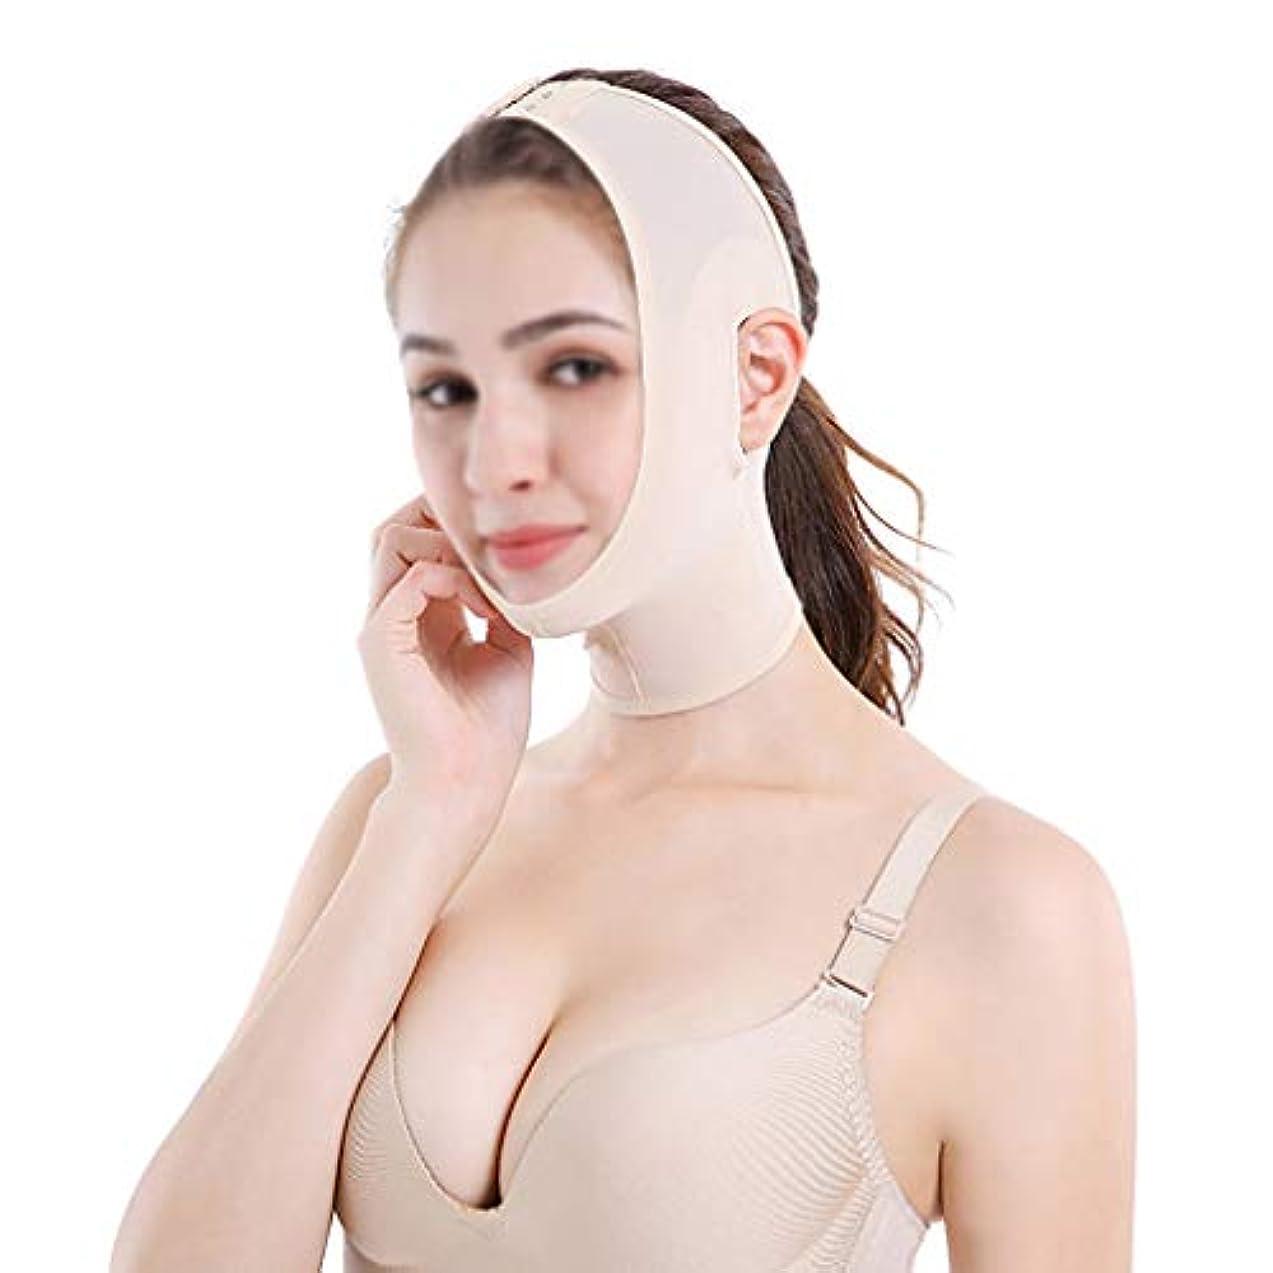 から聞くコイルジャムLJK ベルトフェイスリフティング包帯小Vフェイスマスクフェイスリフティングアーティファクトフェイスリフティングファーミングマスクをスリミングフェイスマスクを引き締め (Size : M)